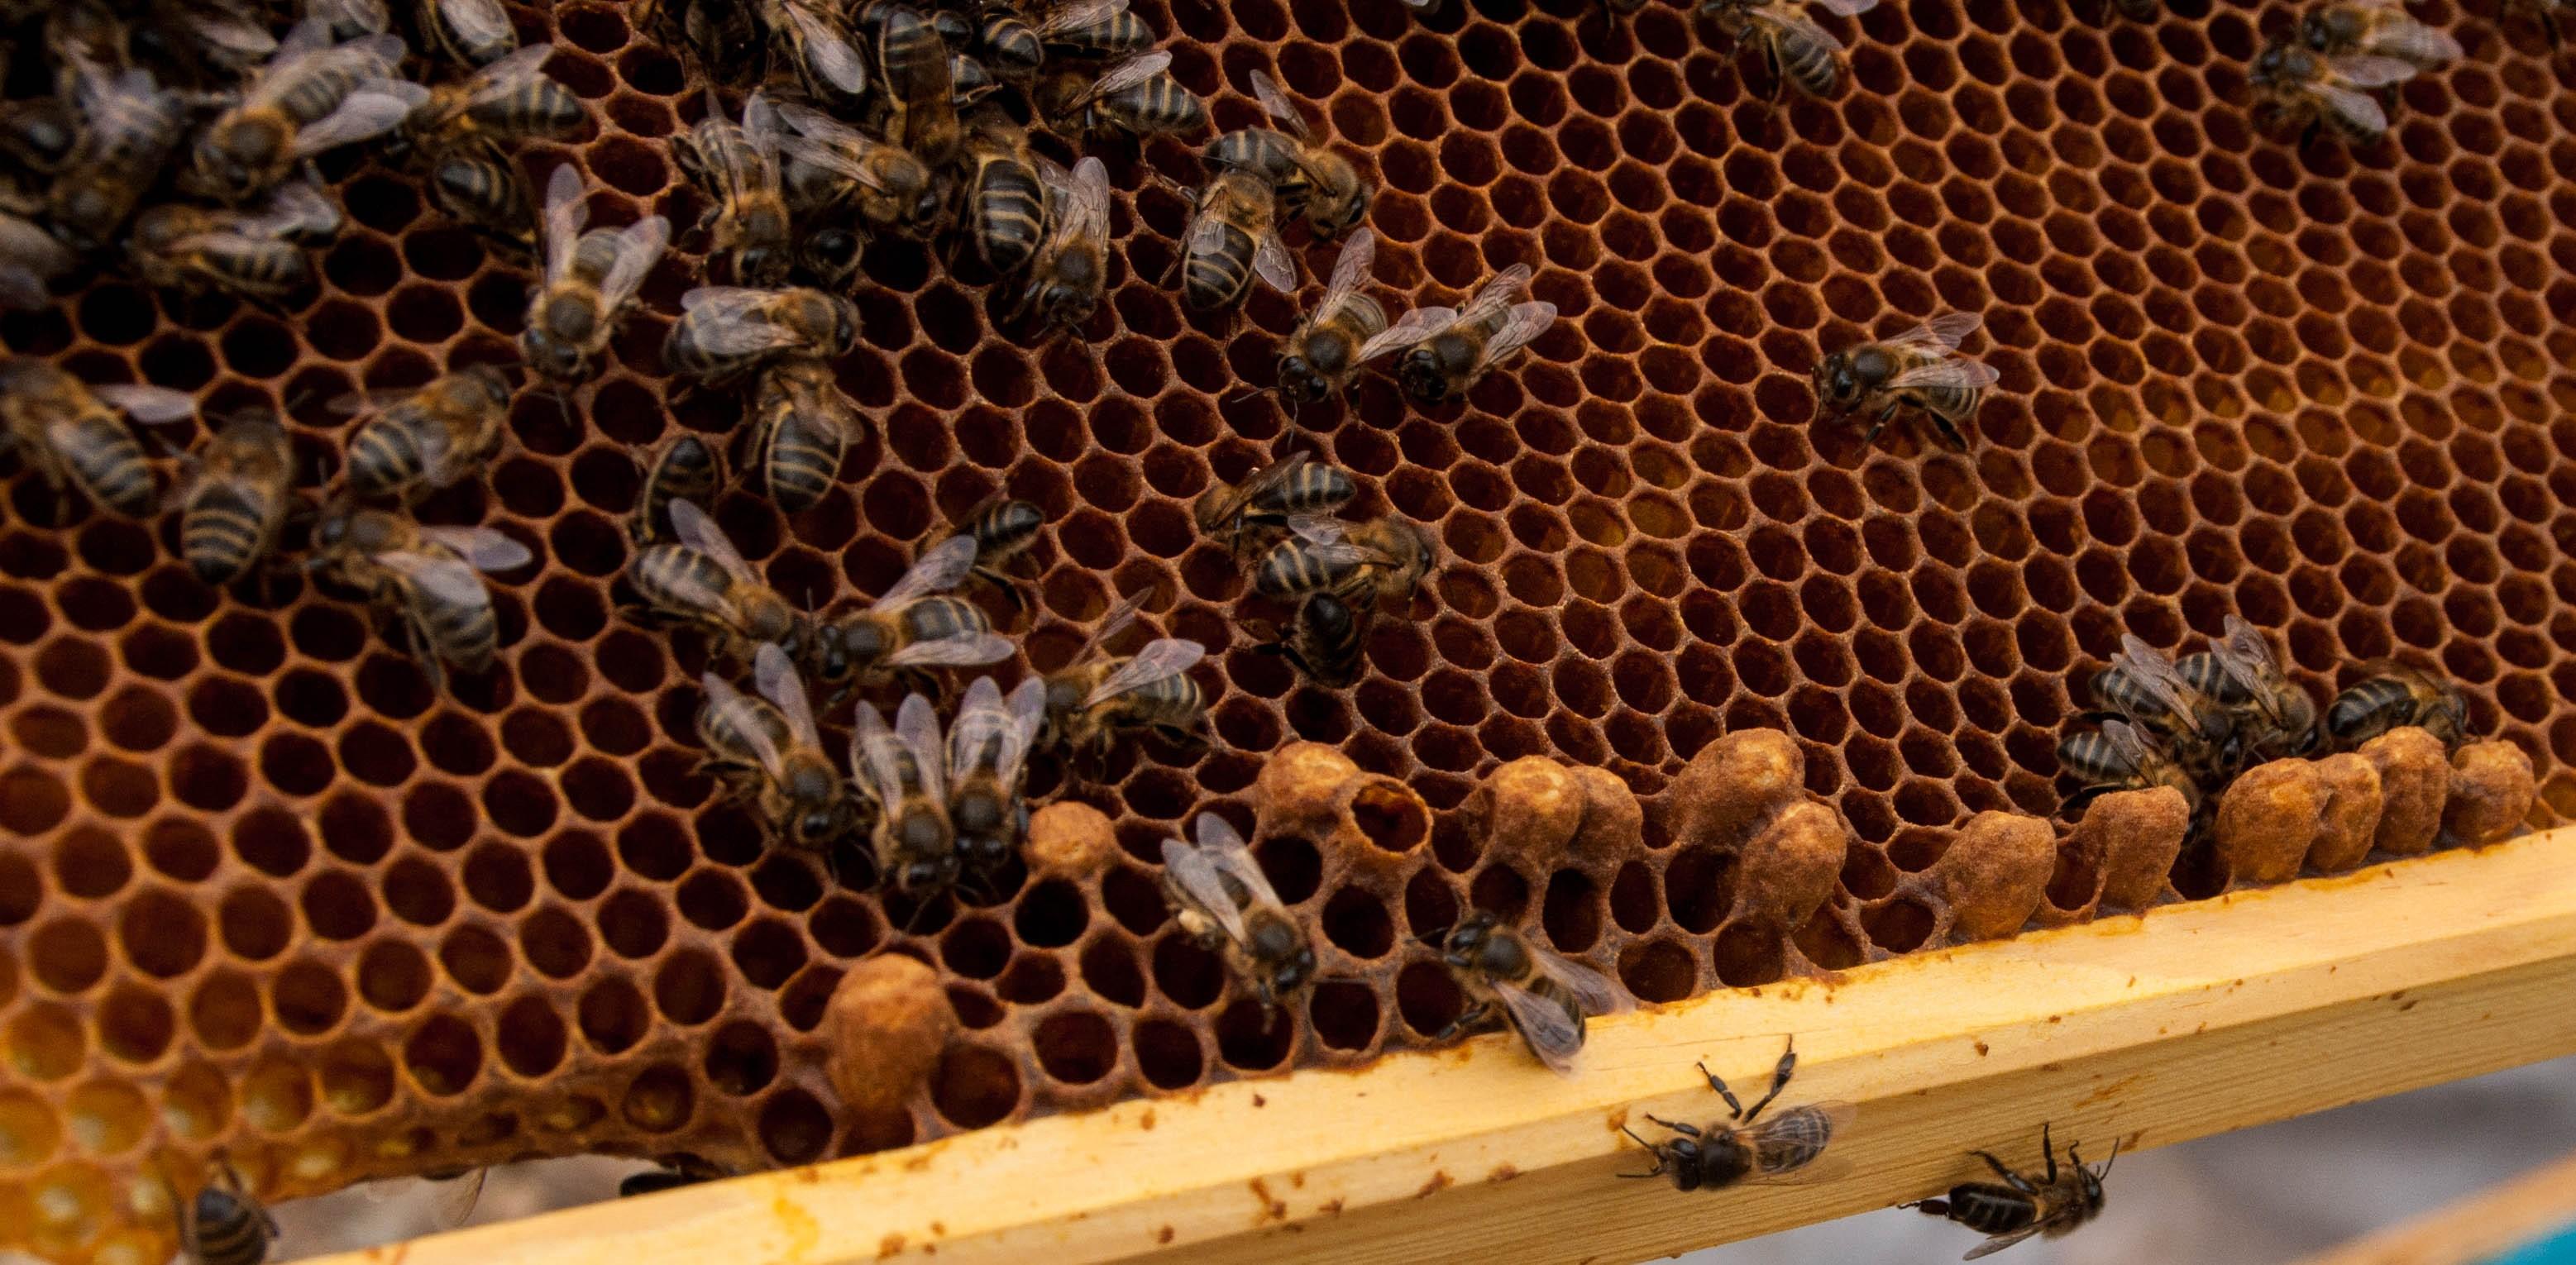 huevos zánganos y obreras Las Obreras de Aliste miel